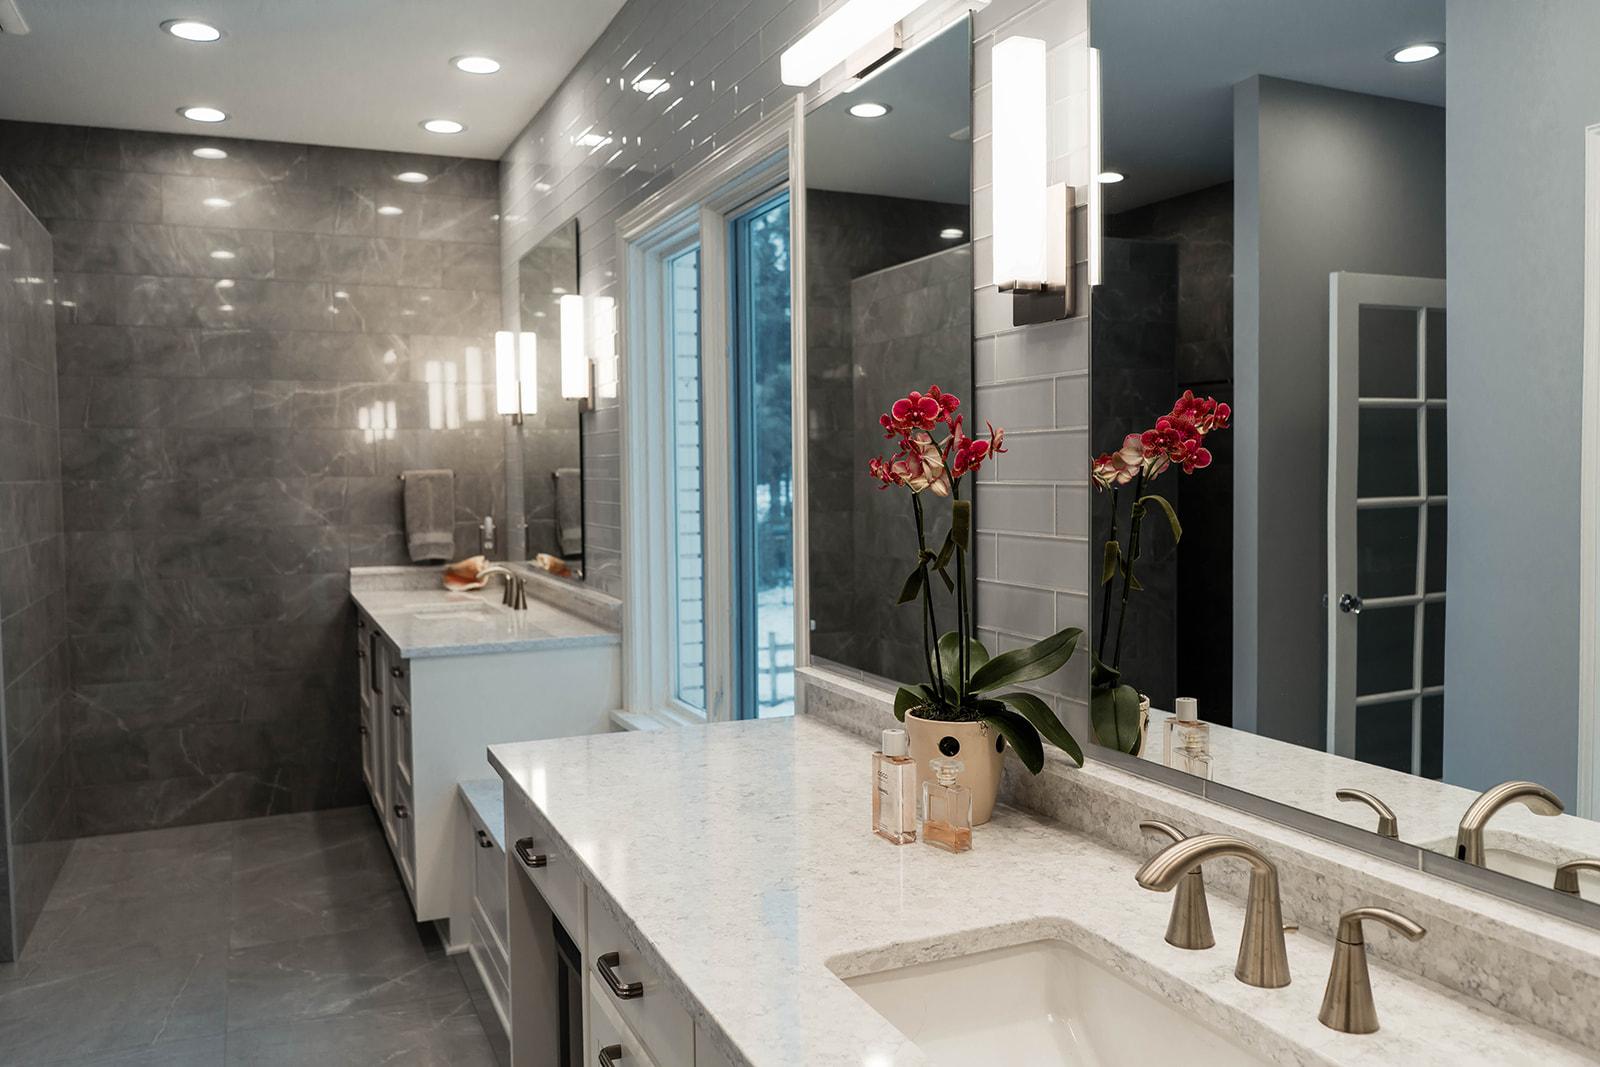 Bathroom Remodel [gallery]